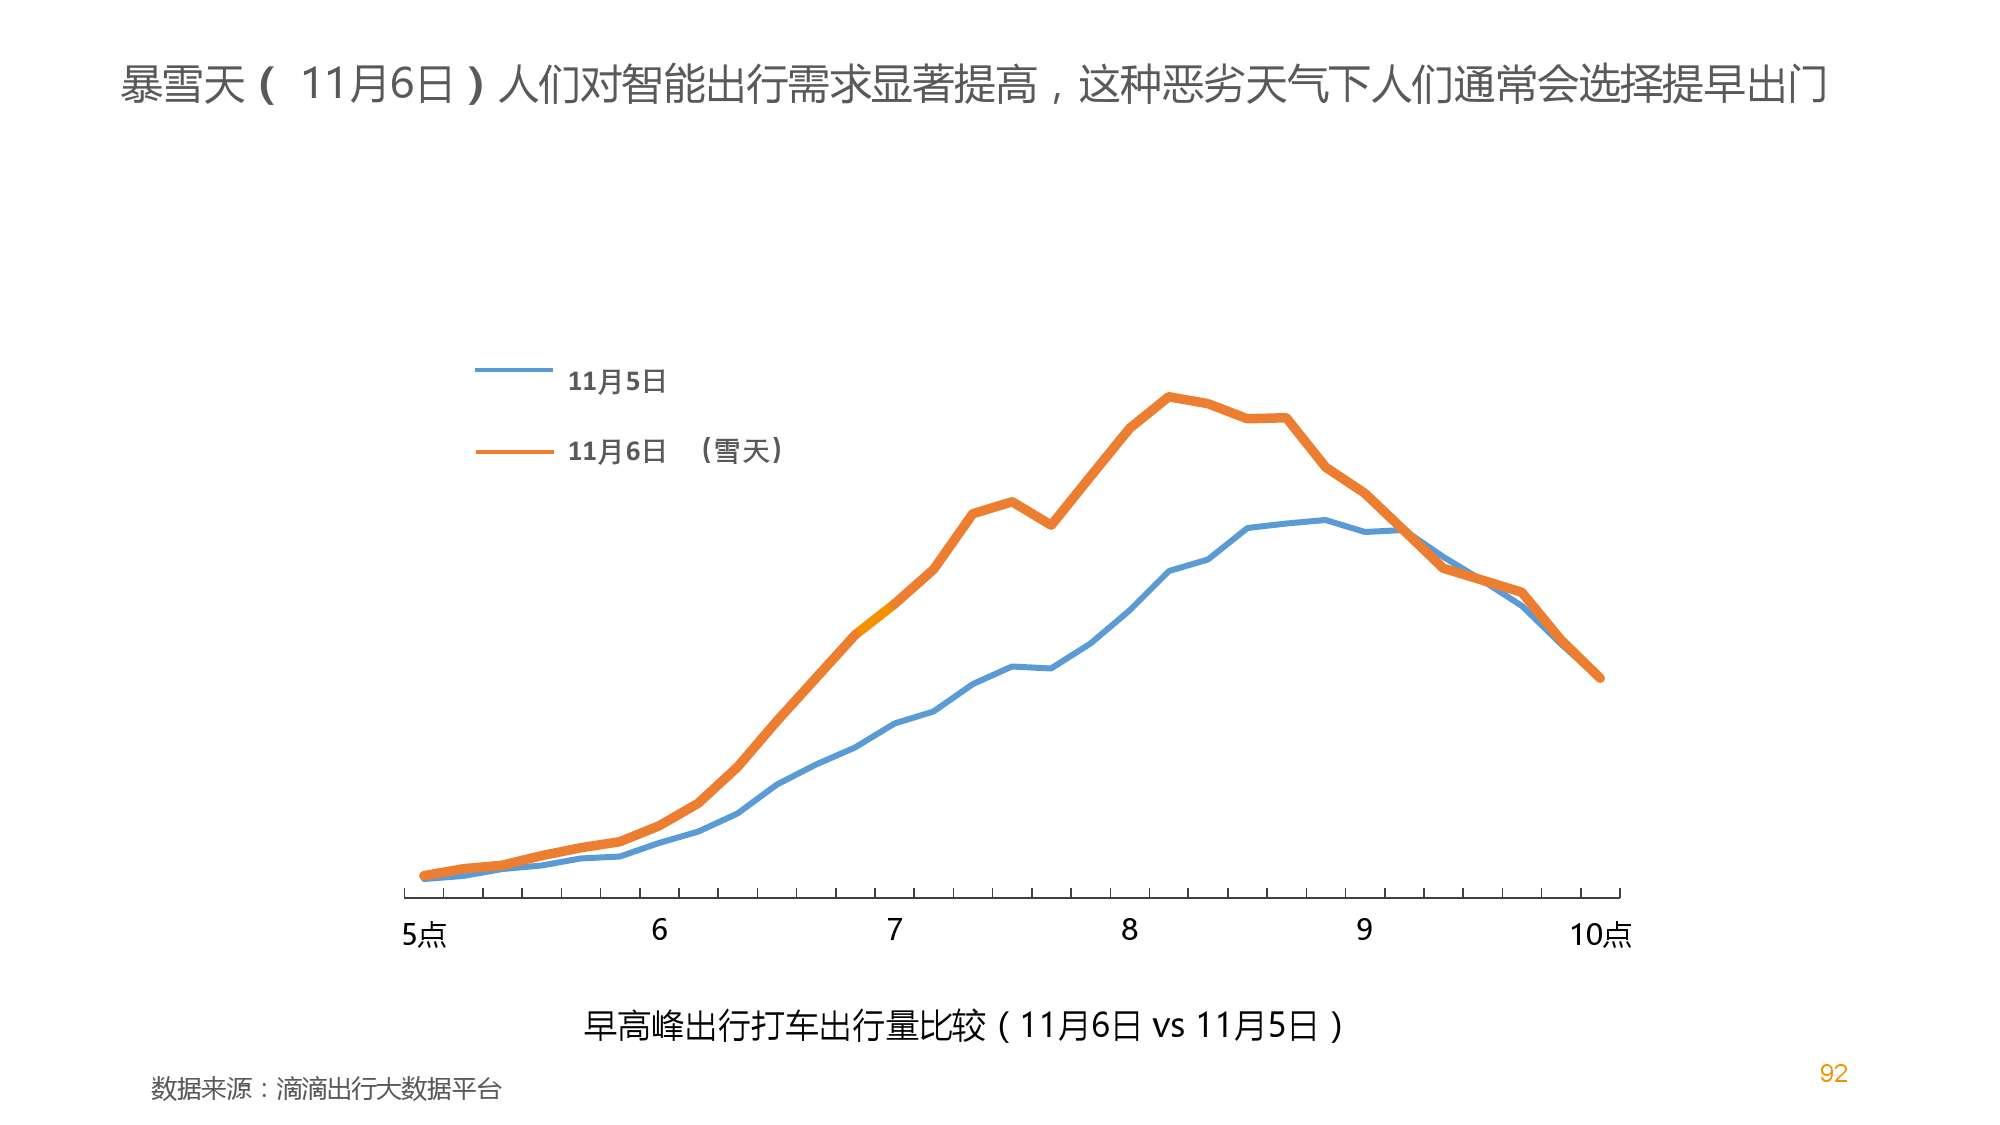 中国智能出行2015大数据报告_000093